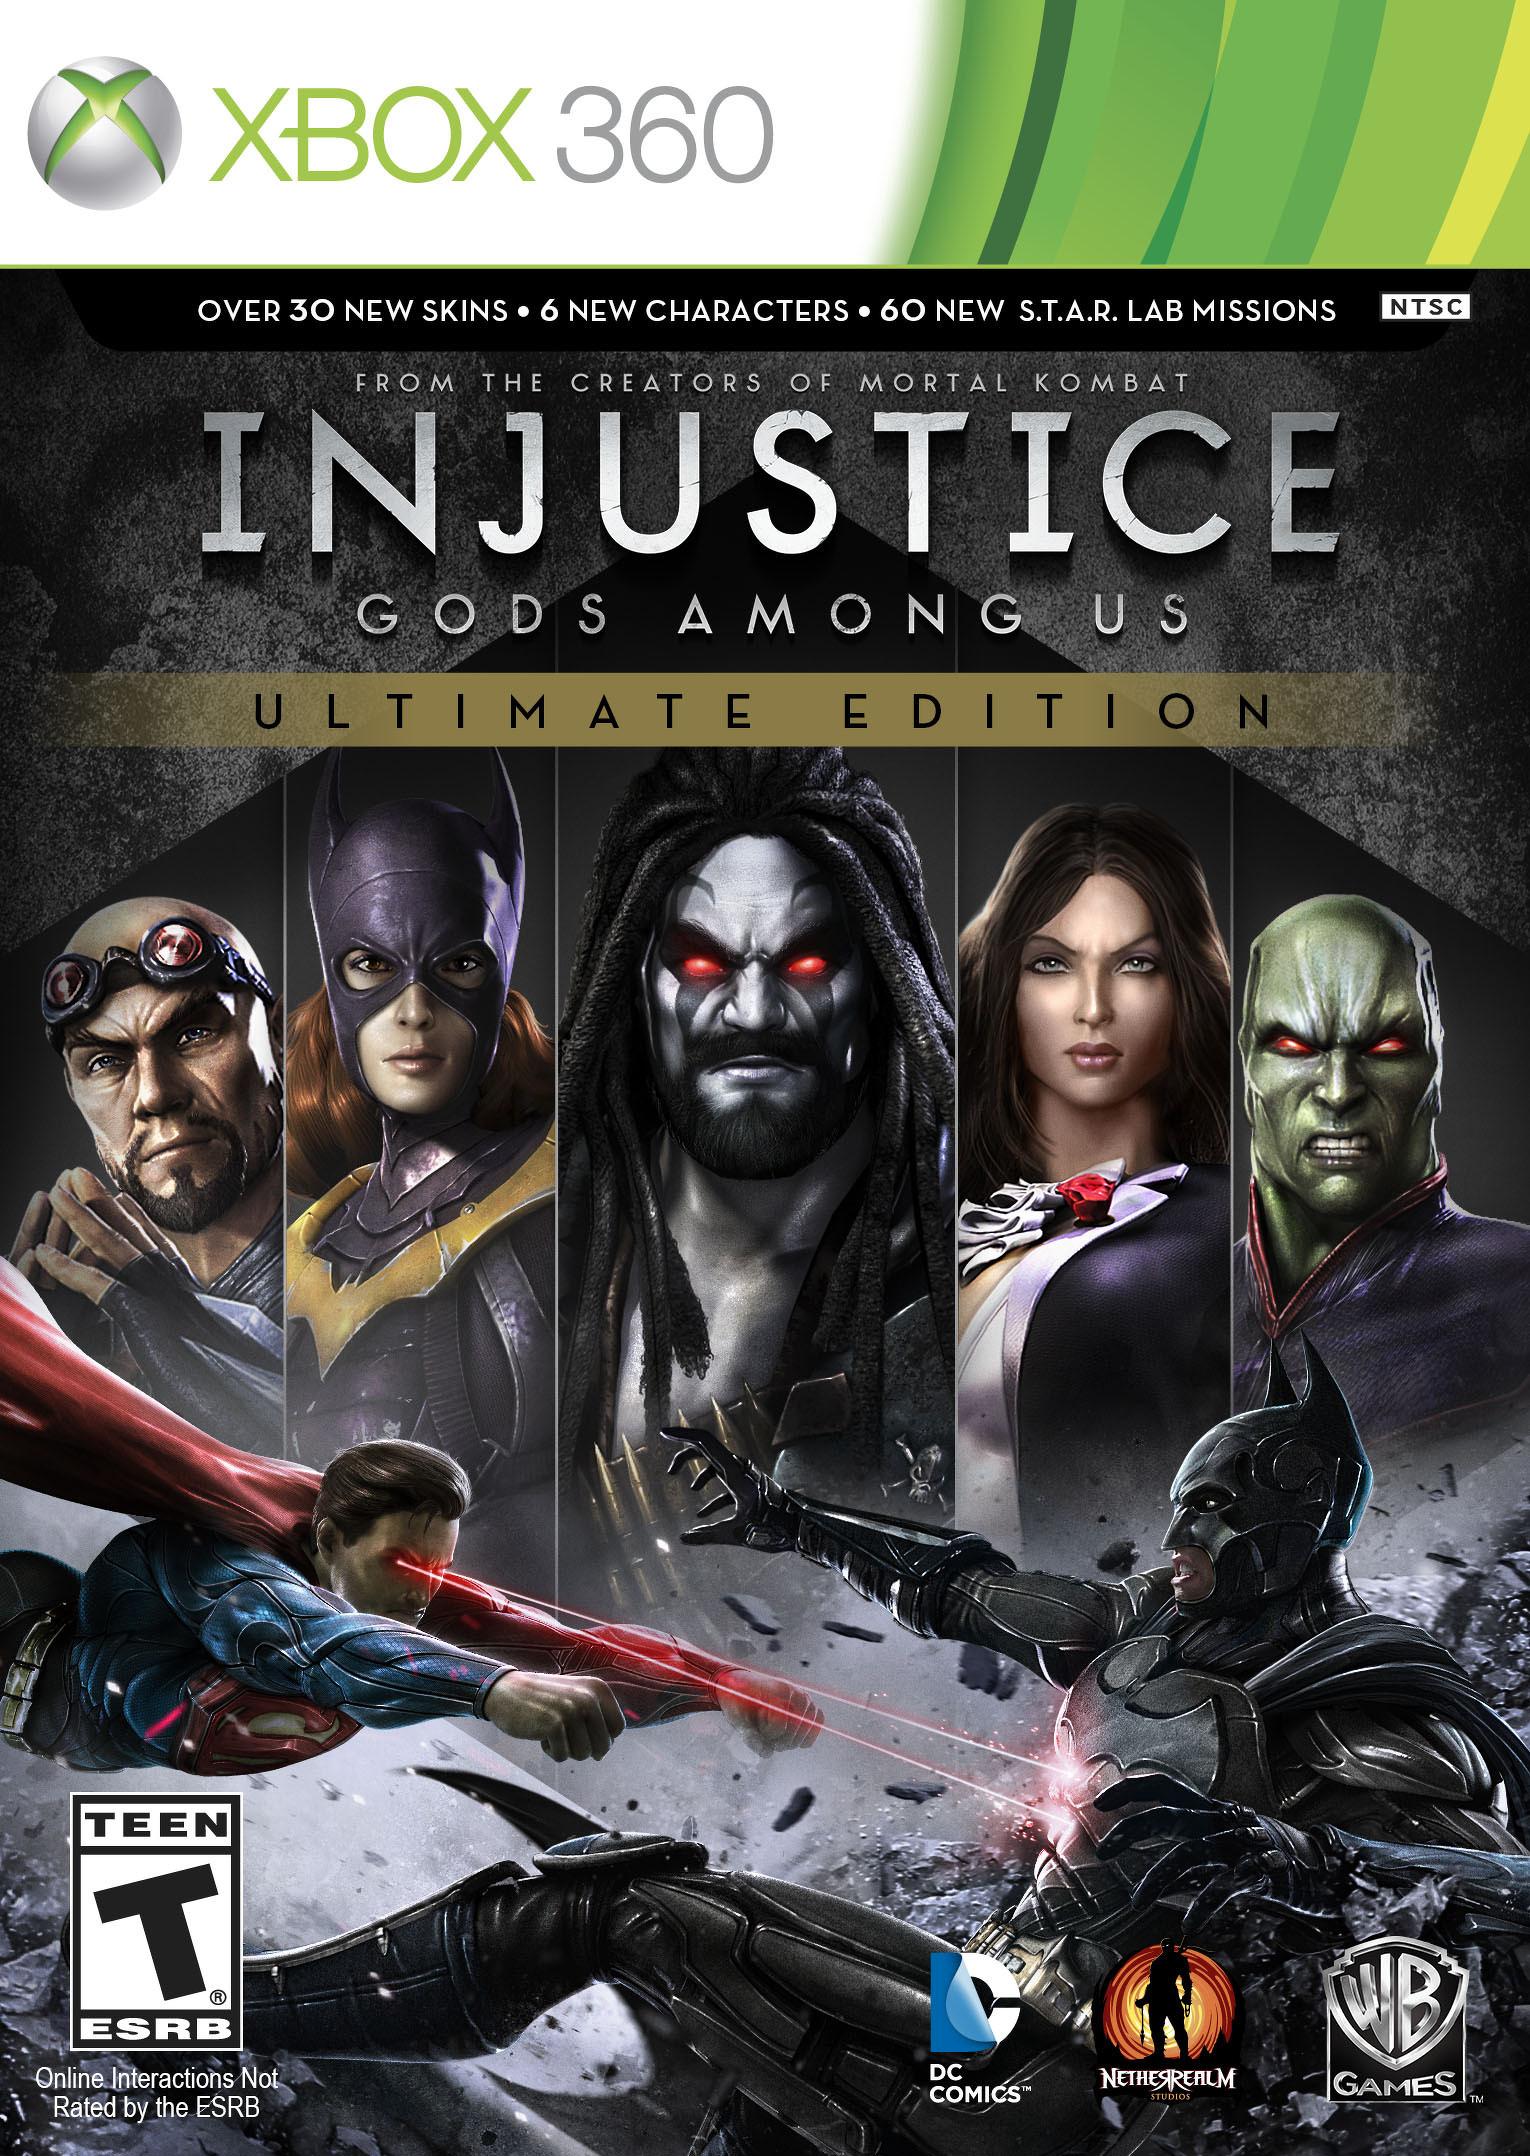 Bojovka Injustice: Gods Among Us oznámena pro PC, PS4 a Vita 88628